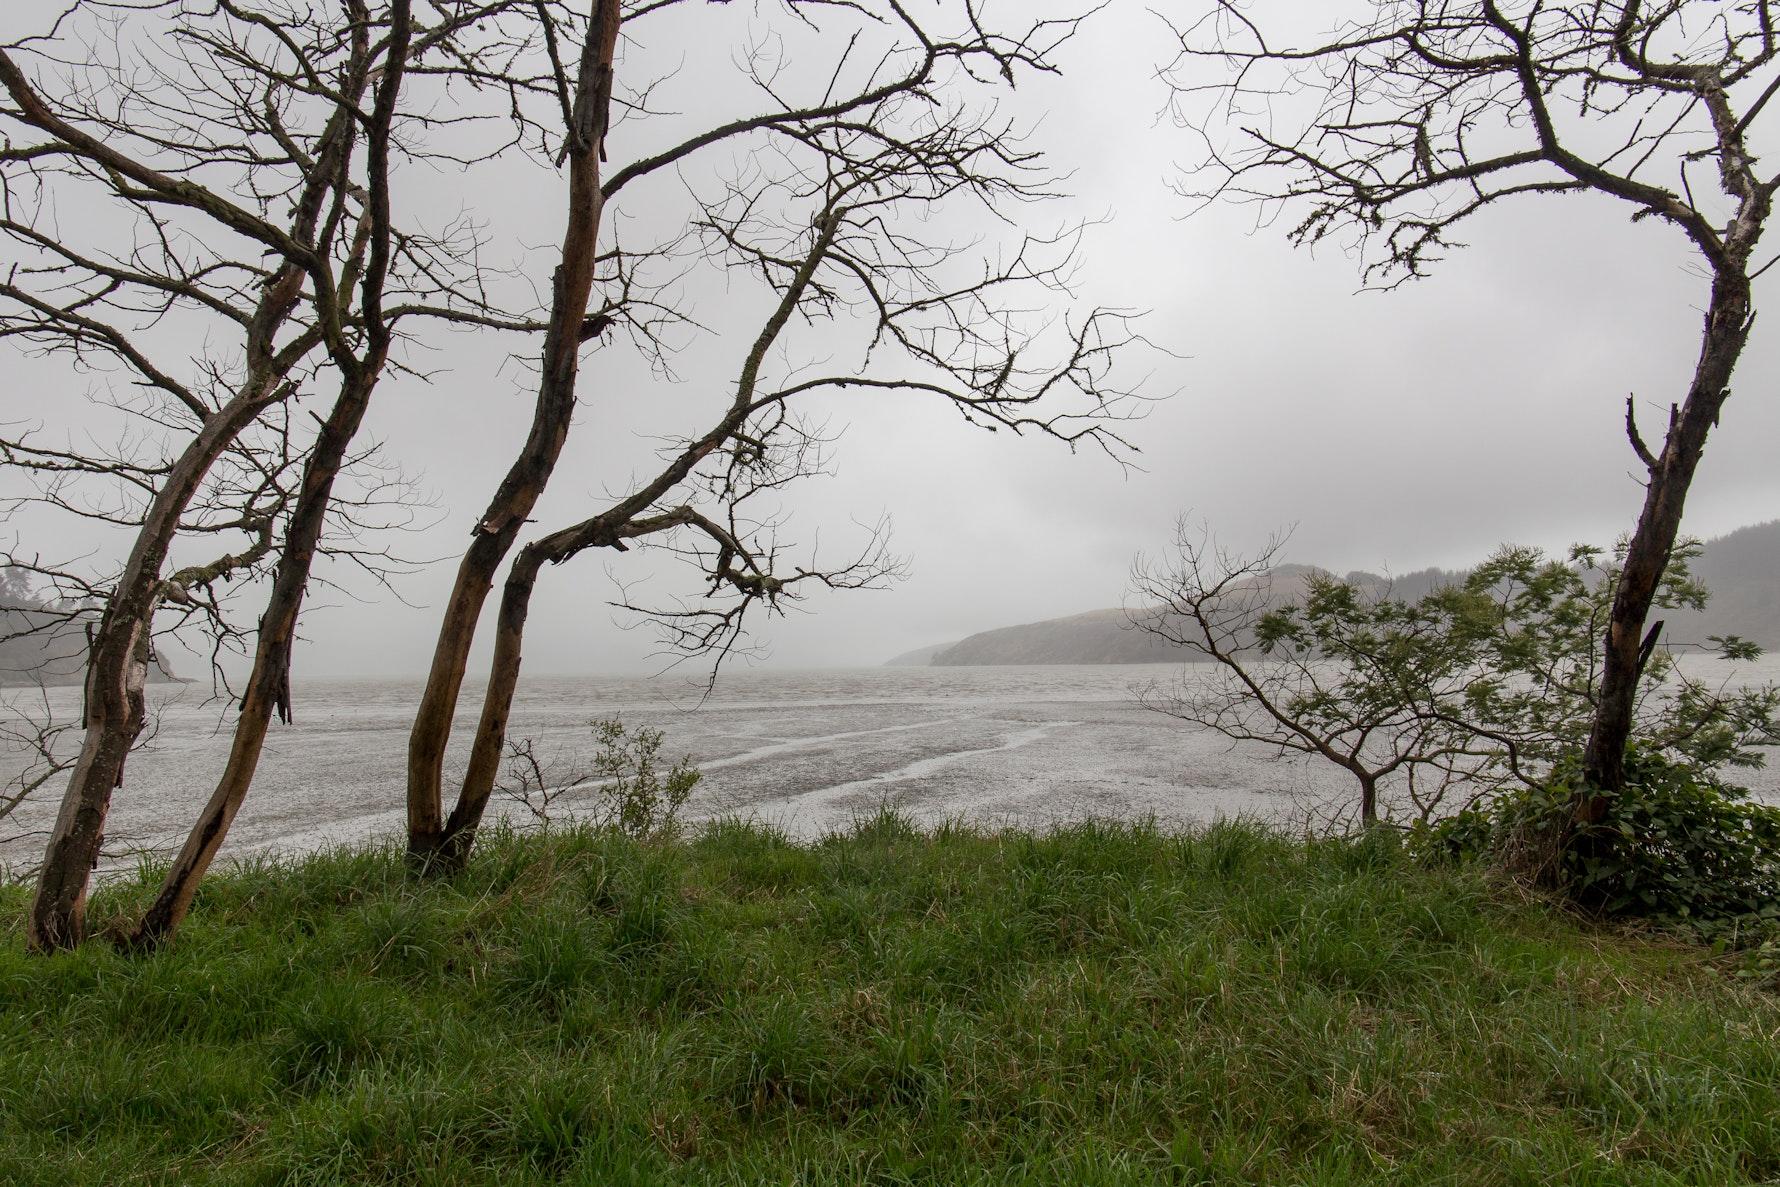 Allandale, Convict's Track, Ōhinetahi pā region.